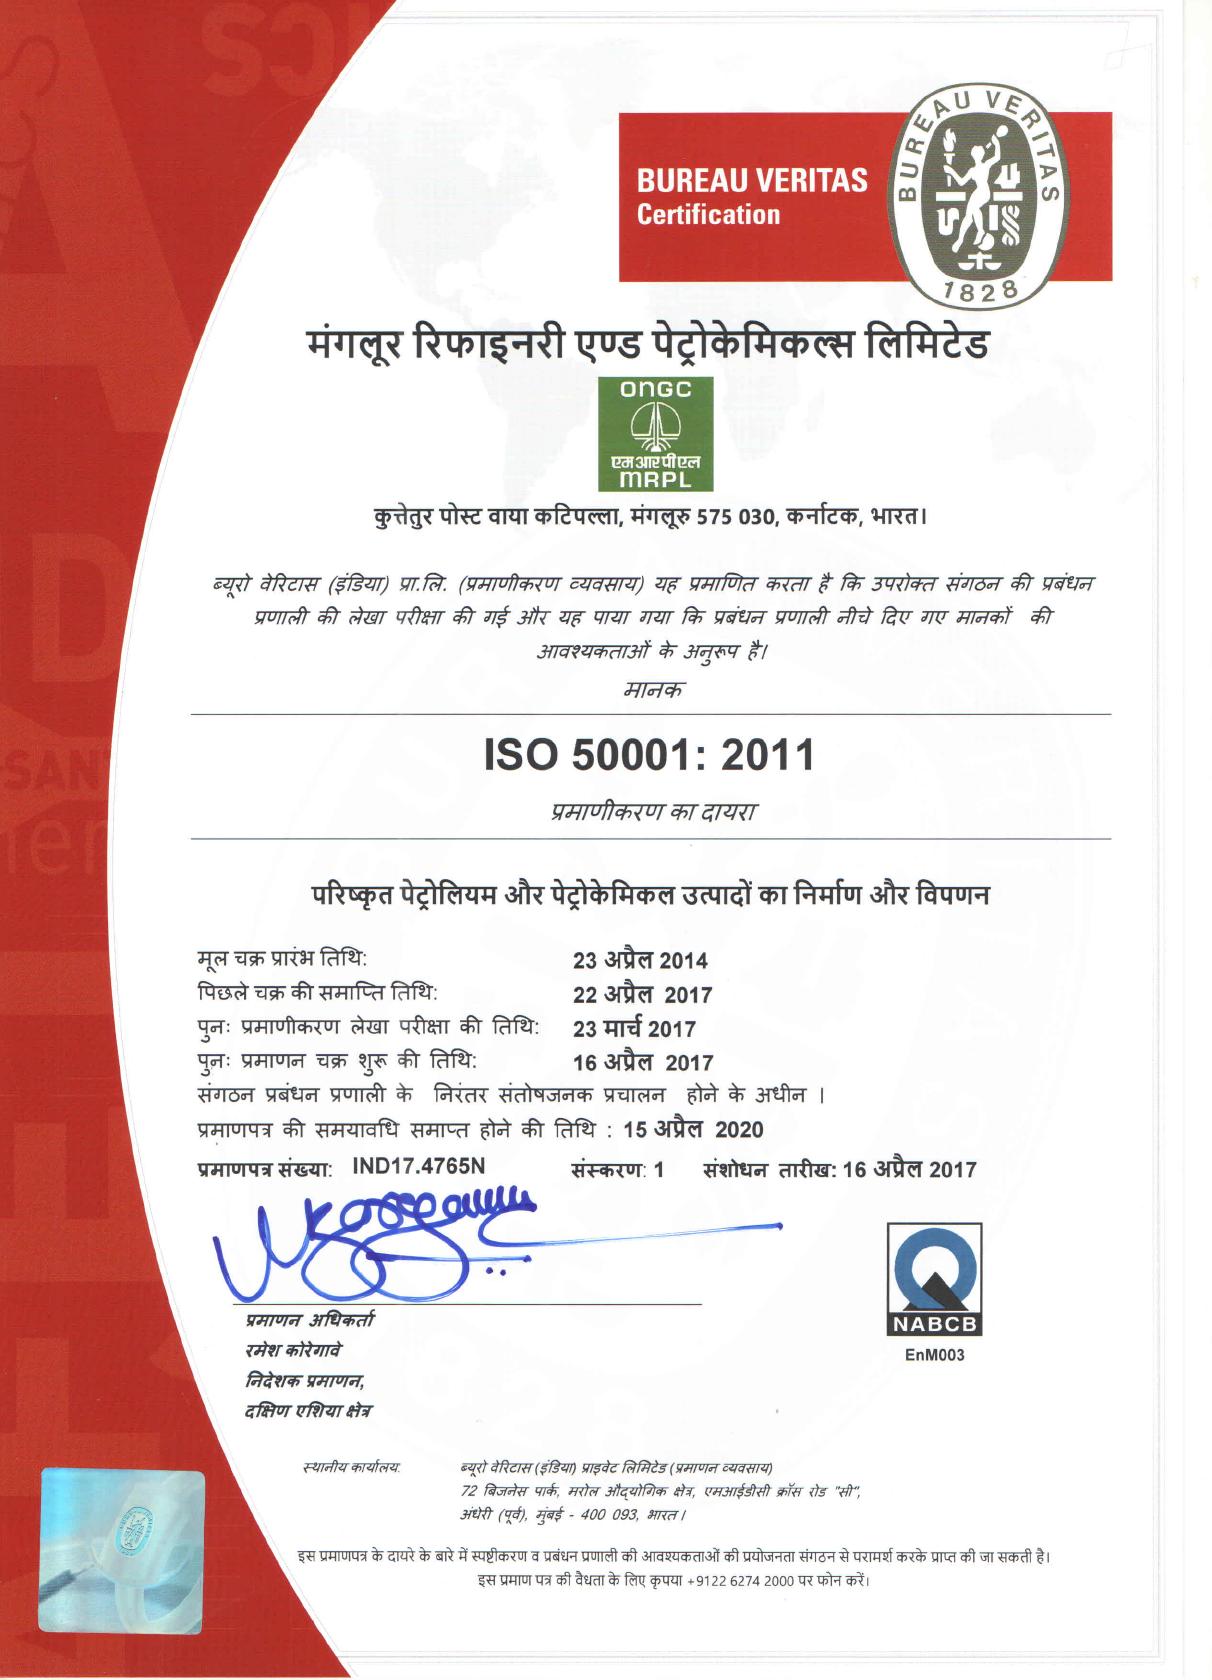 आईएसओ 50001 प्रमाणित कंपनी